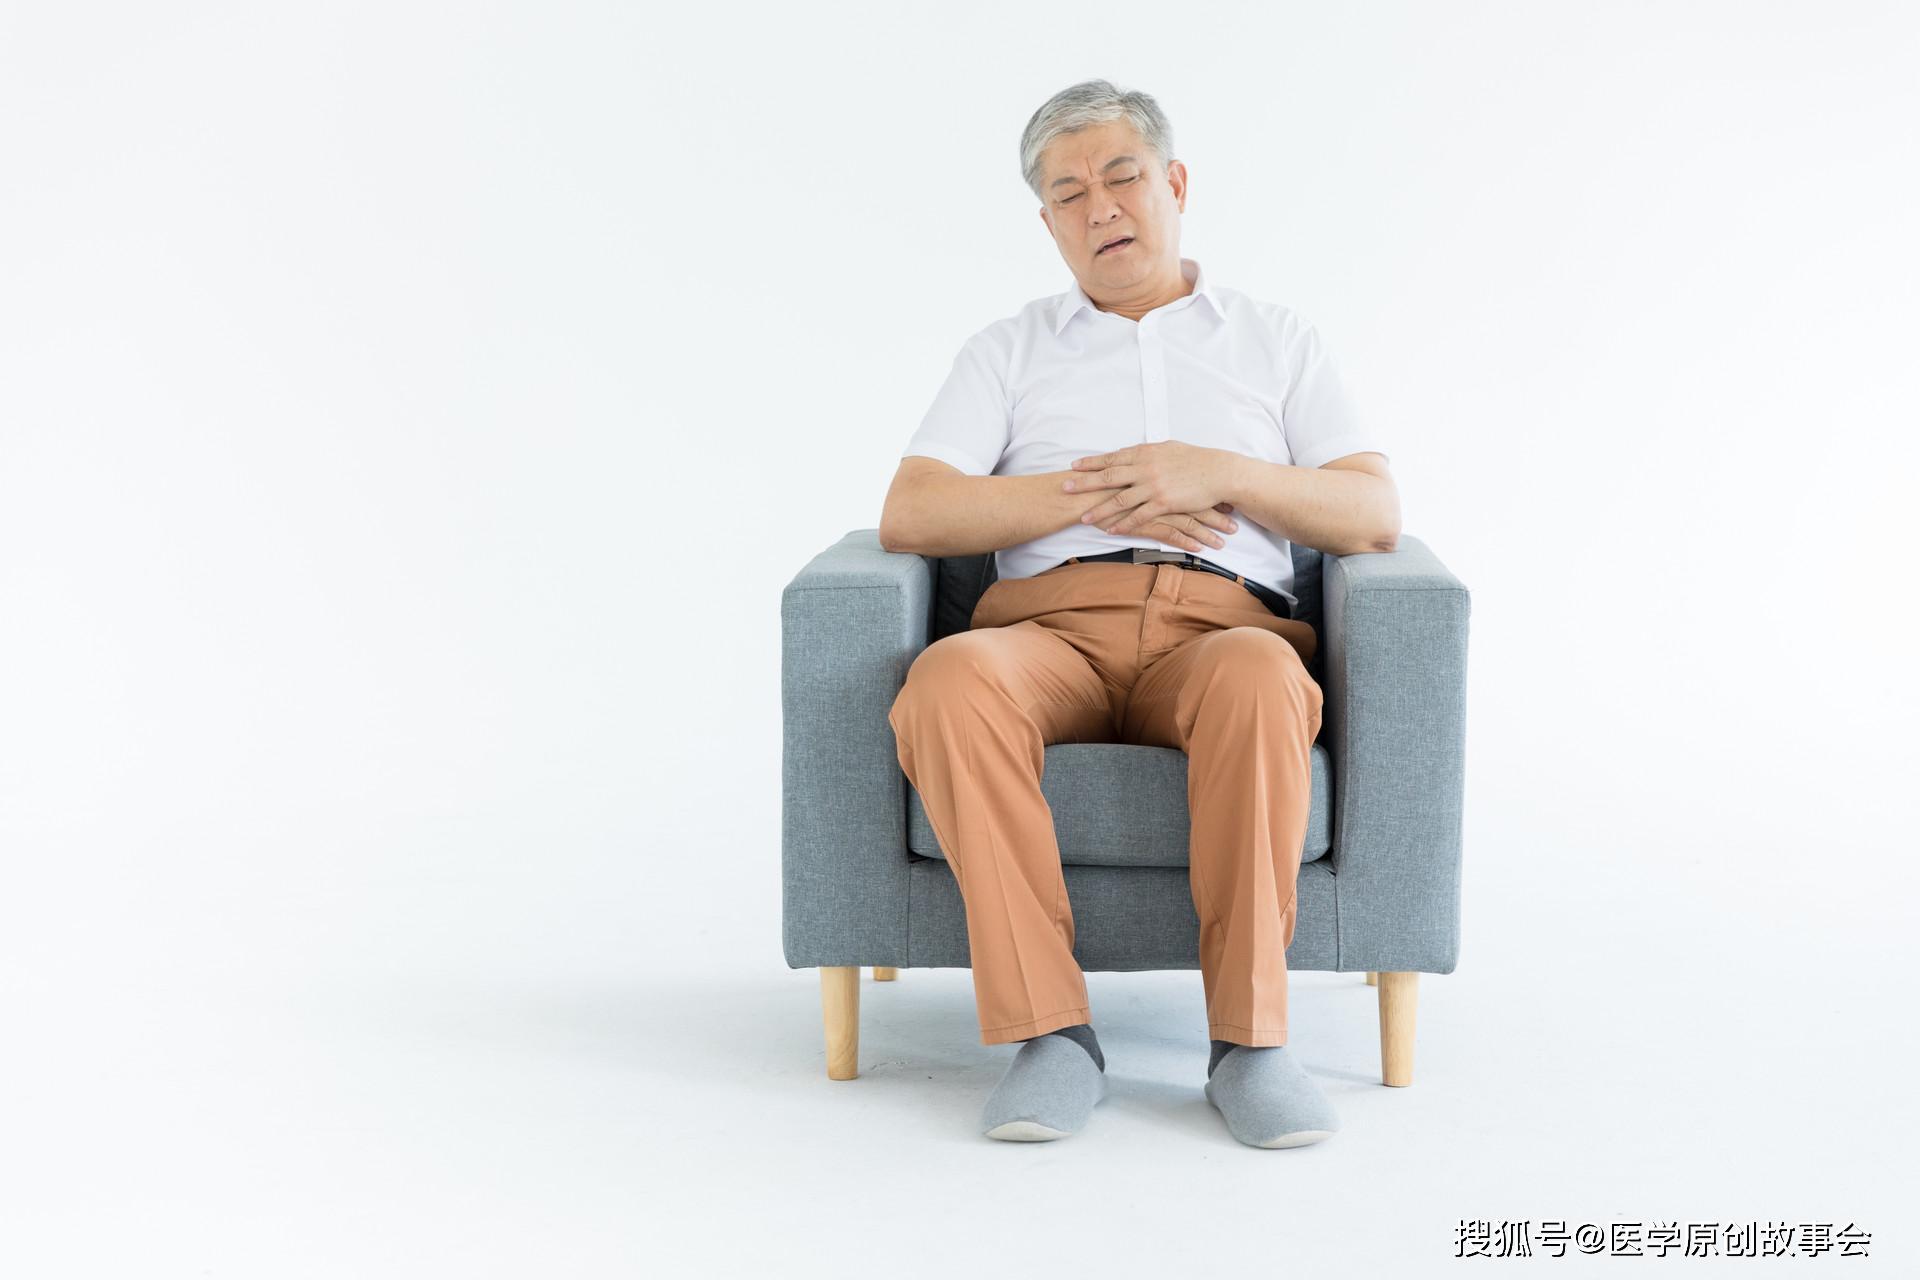 原创寿命短的男人,55岁会有五个癌症坎,若你五个都没有,恭喜很健康